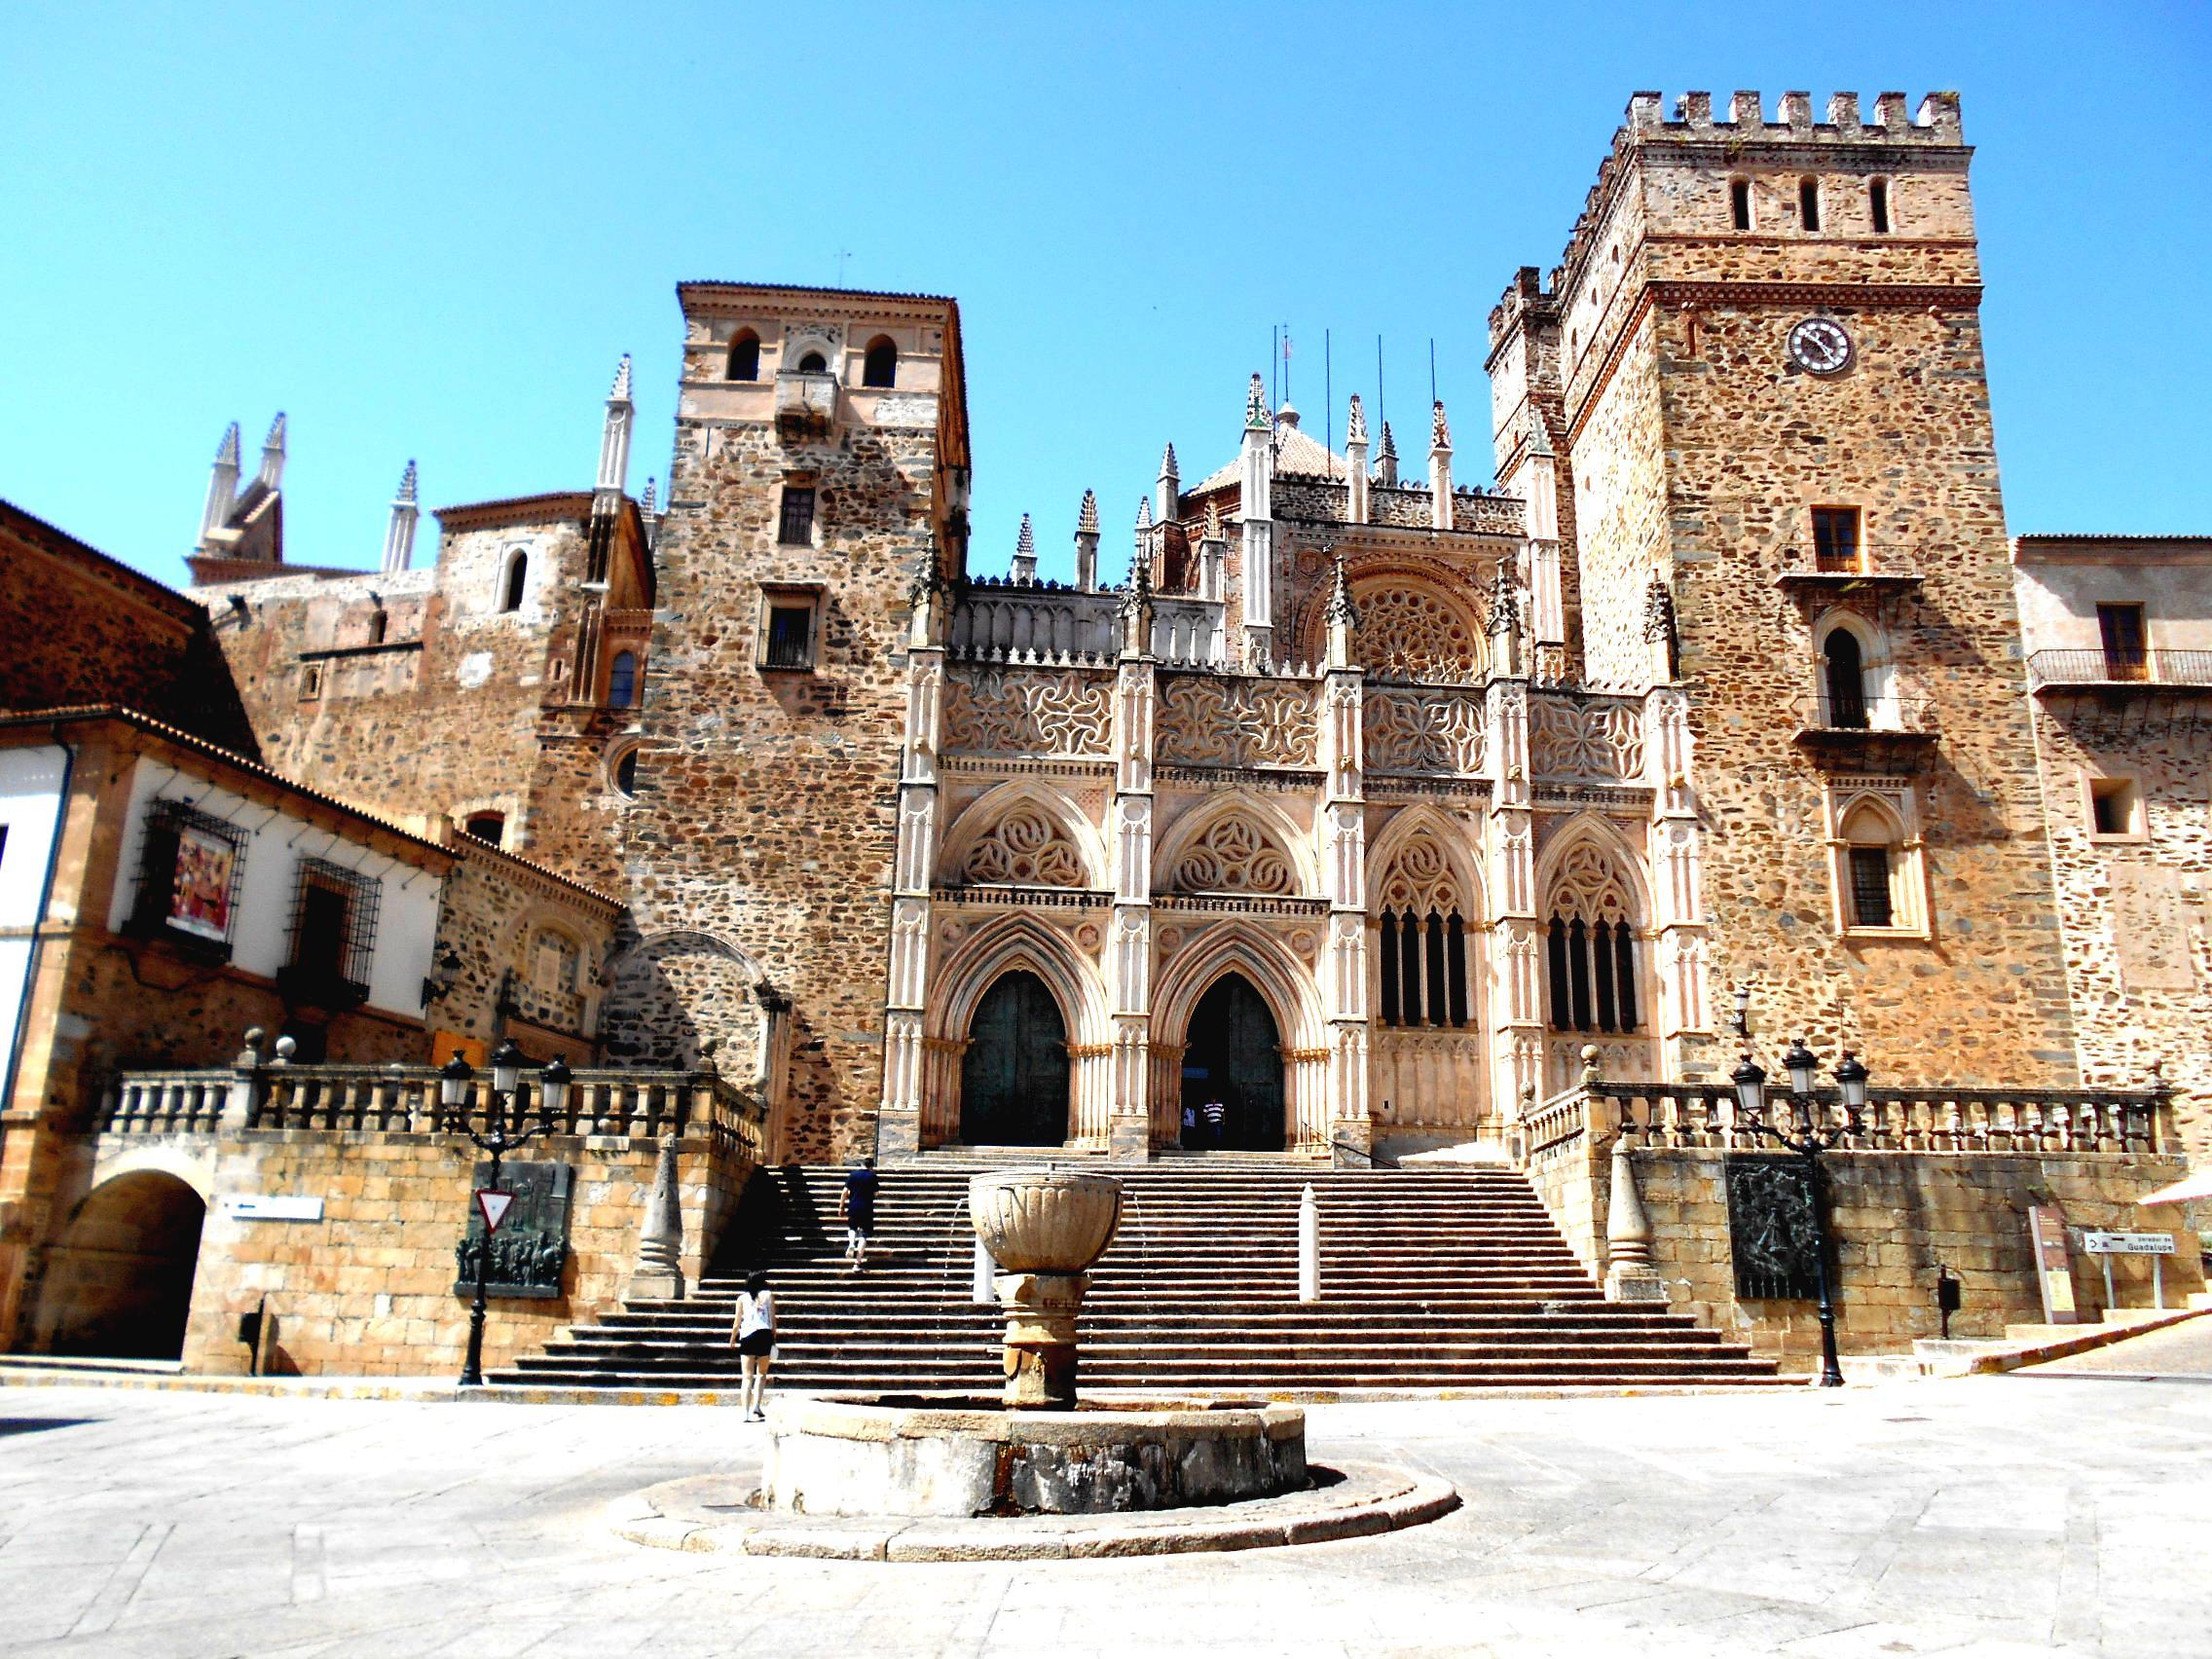 Virgen-de-Guadalupe-Monasterio-de-Guadalupe-Cáceres-Extremadura-Cristobal-Colón-Hernán-Cortés-Panibericana-boost